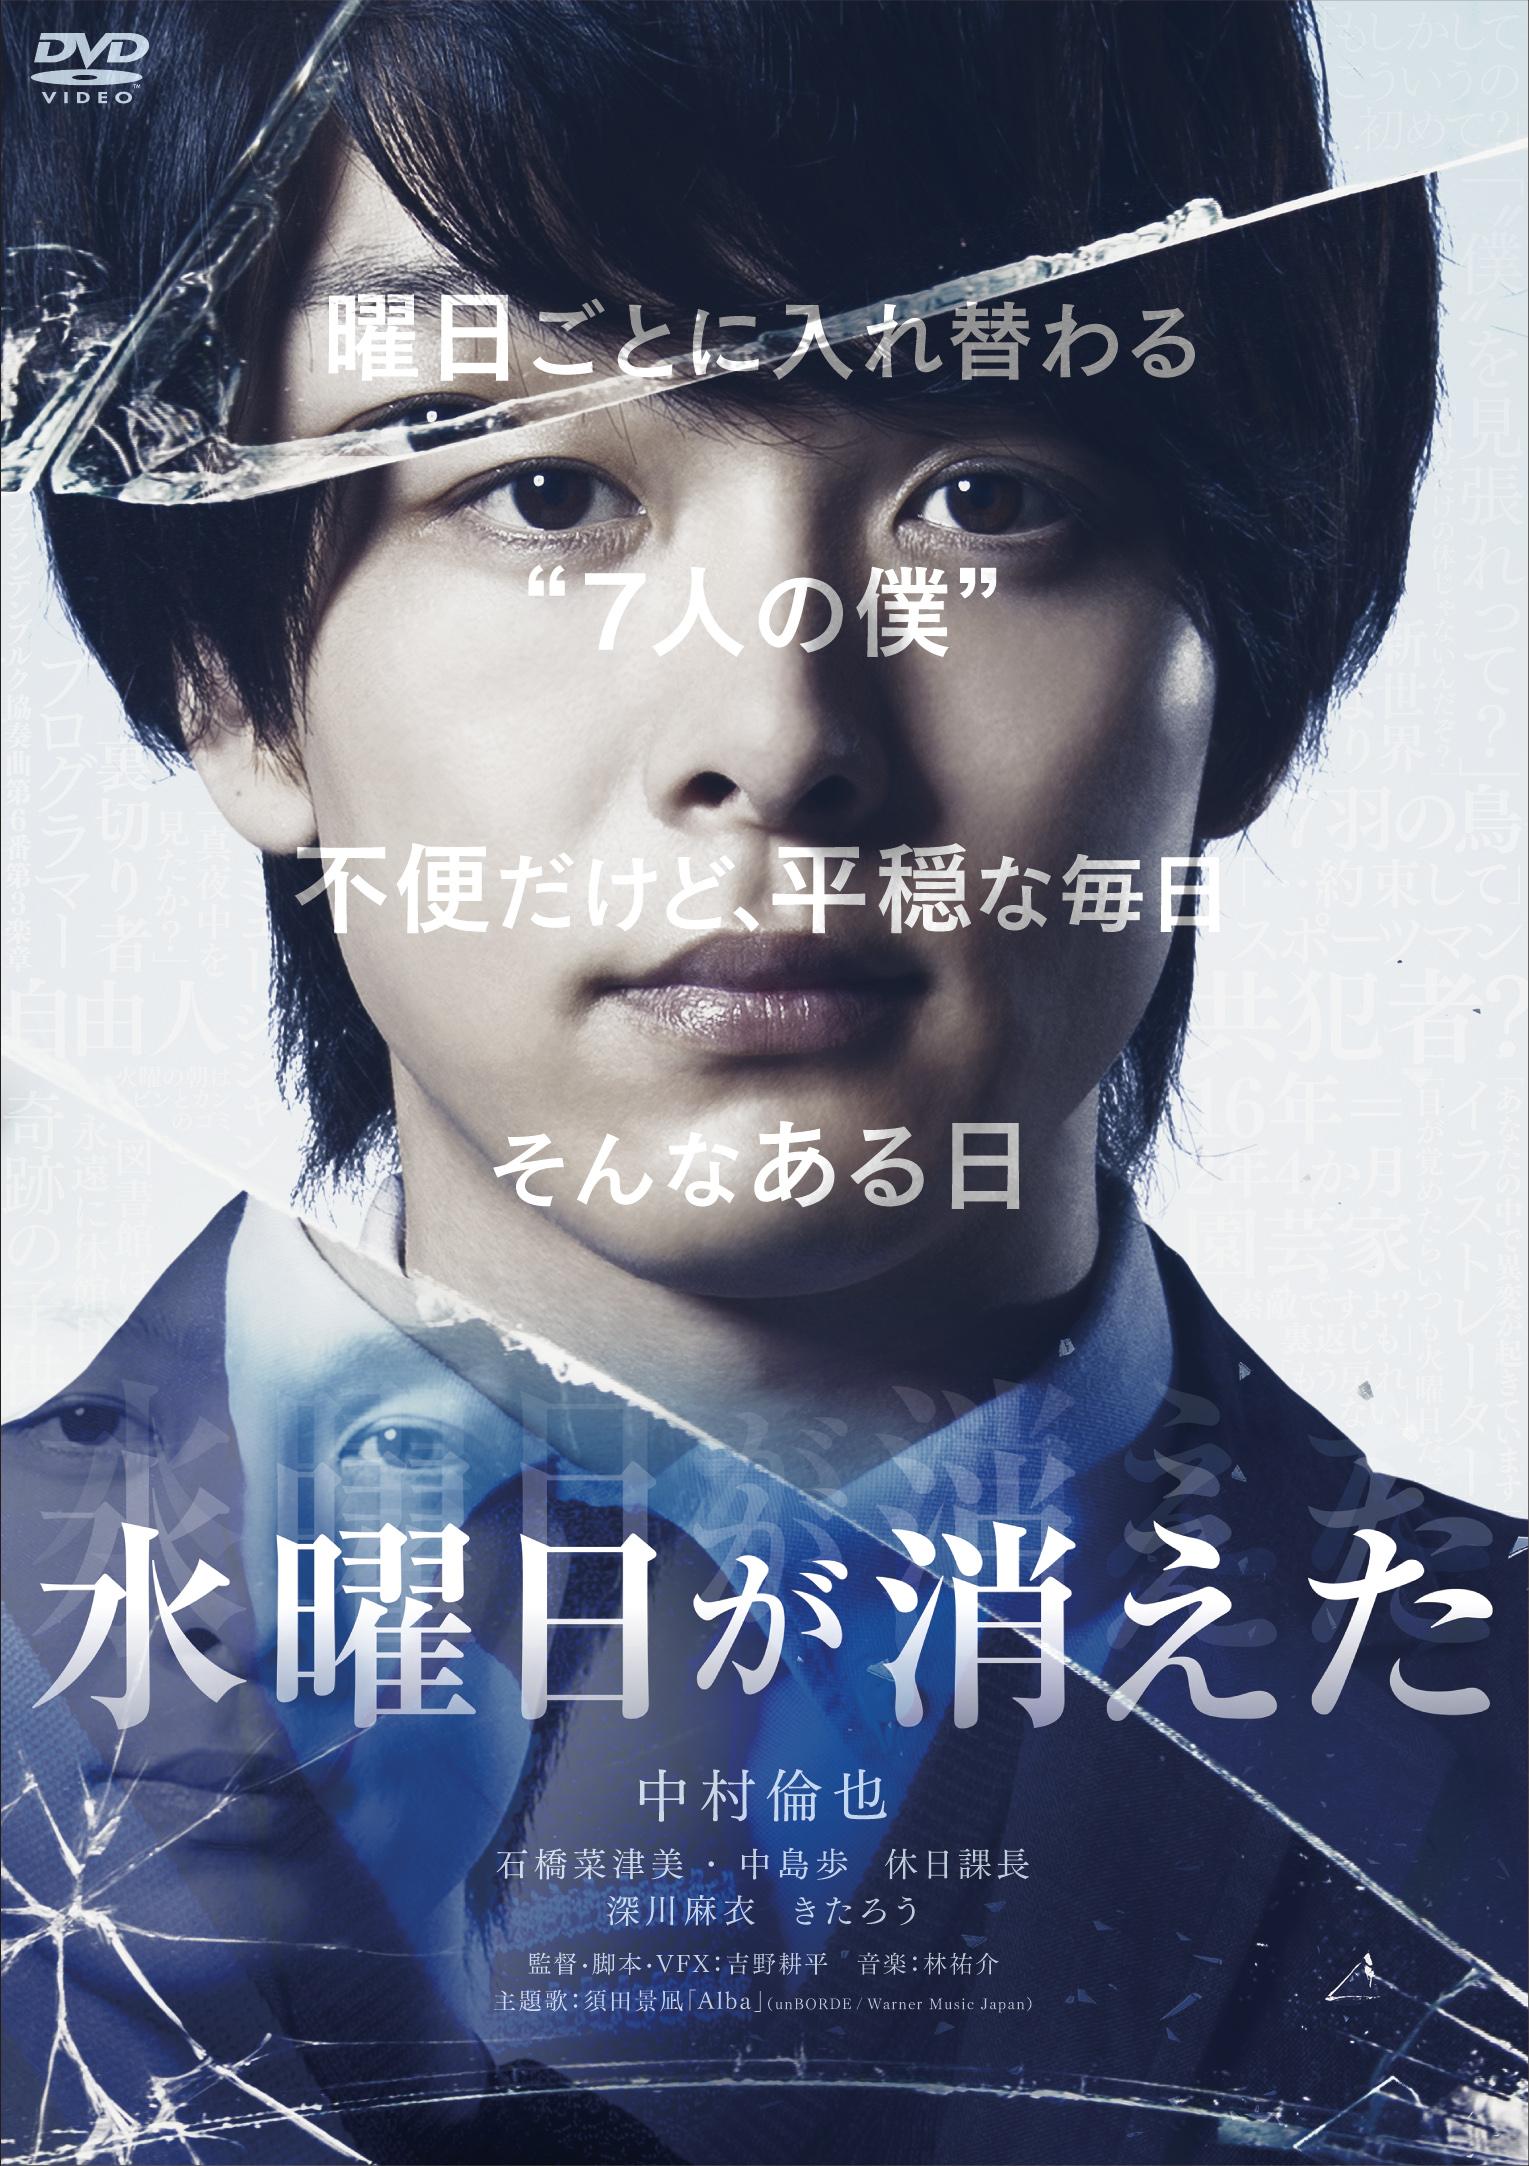 中村倫也主演作品、「水曜日が消えた」のBlu-ray&DVDが発売決定 ...